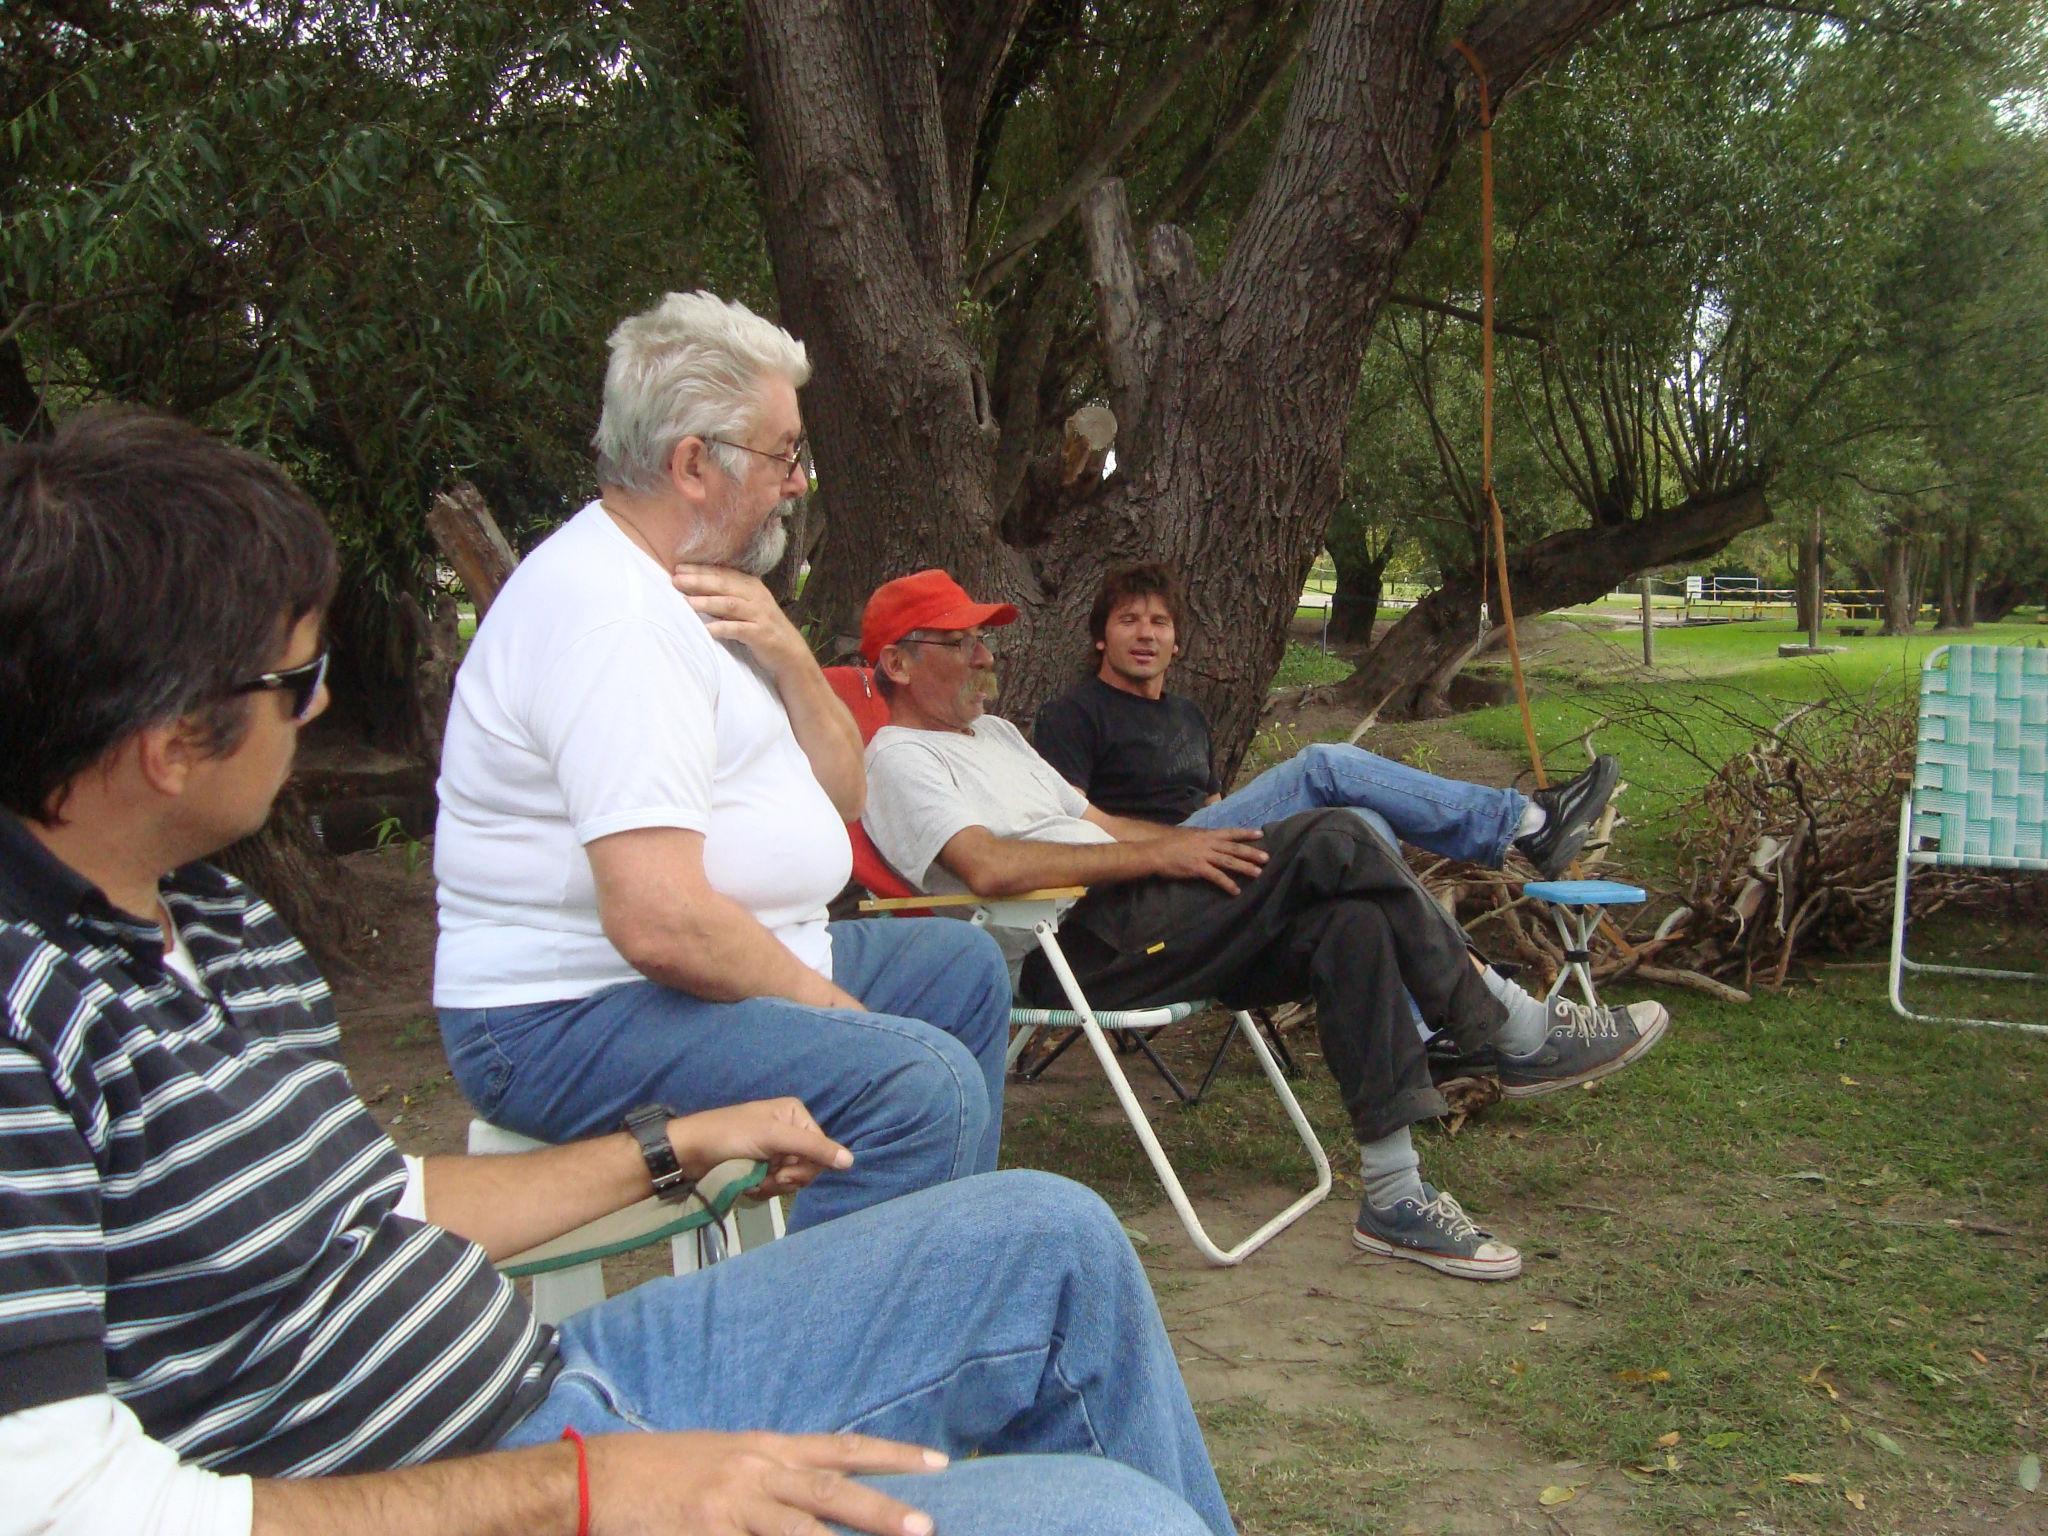 Barker; el día después del encuentro: Fotos y relatos - Página 3 DSC08425